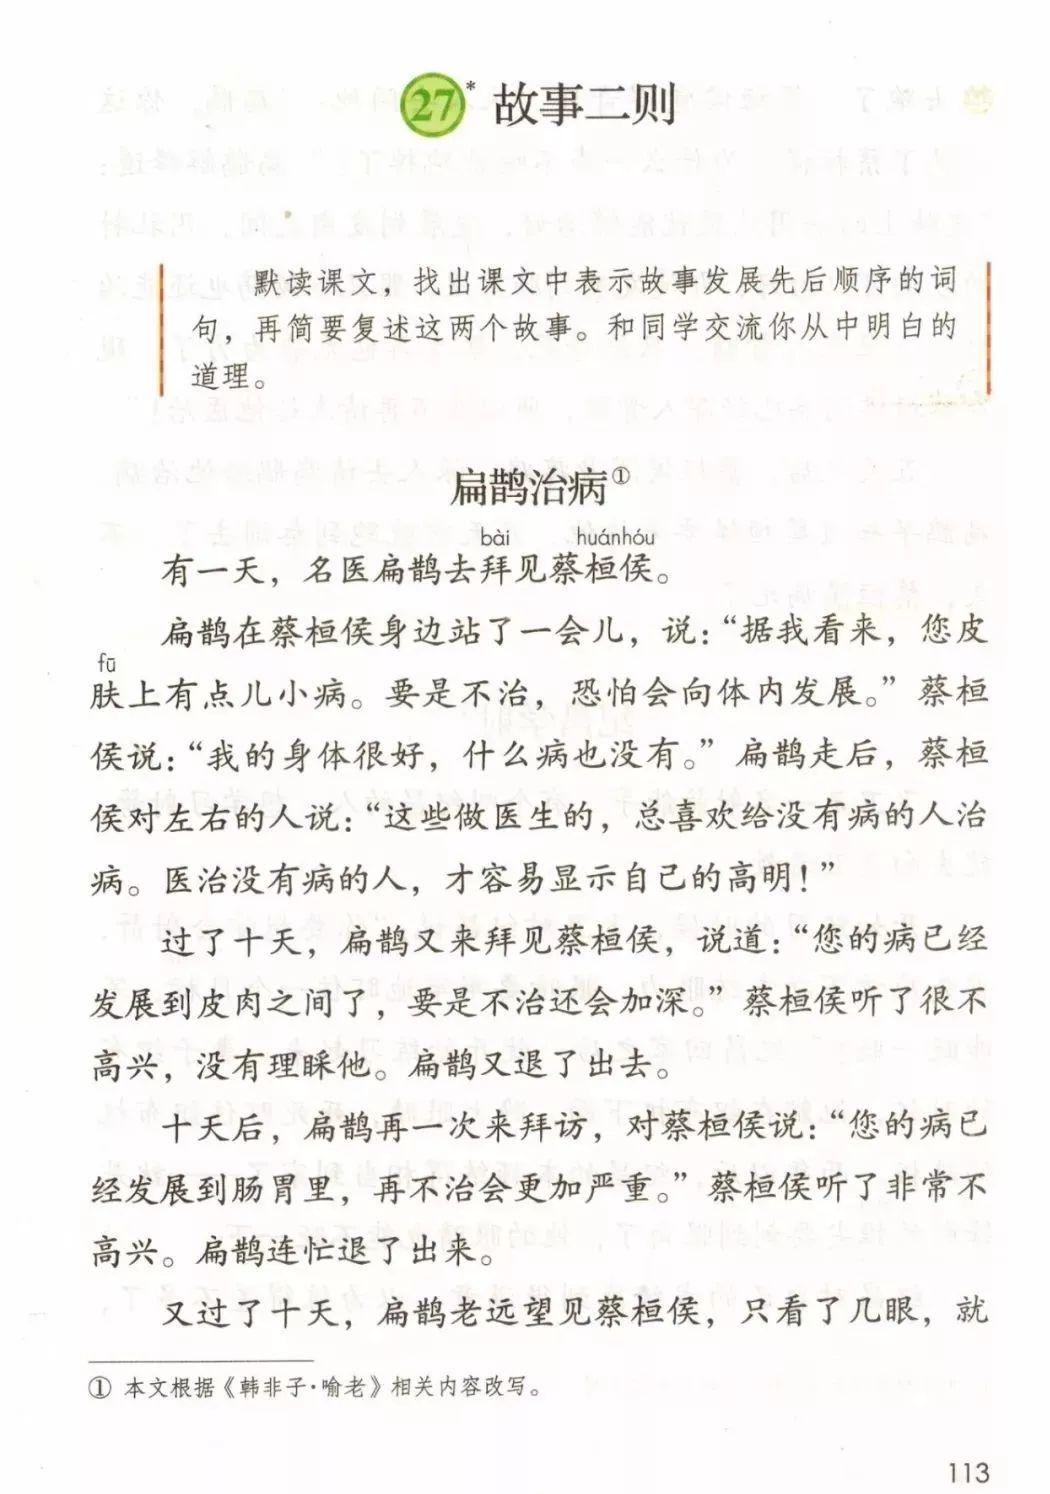 扁鹊治病(第118页)